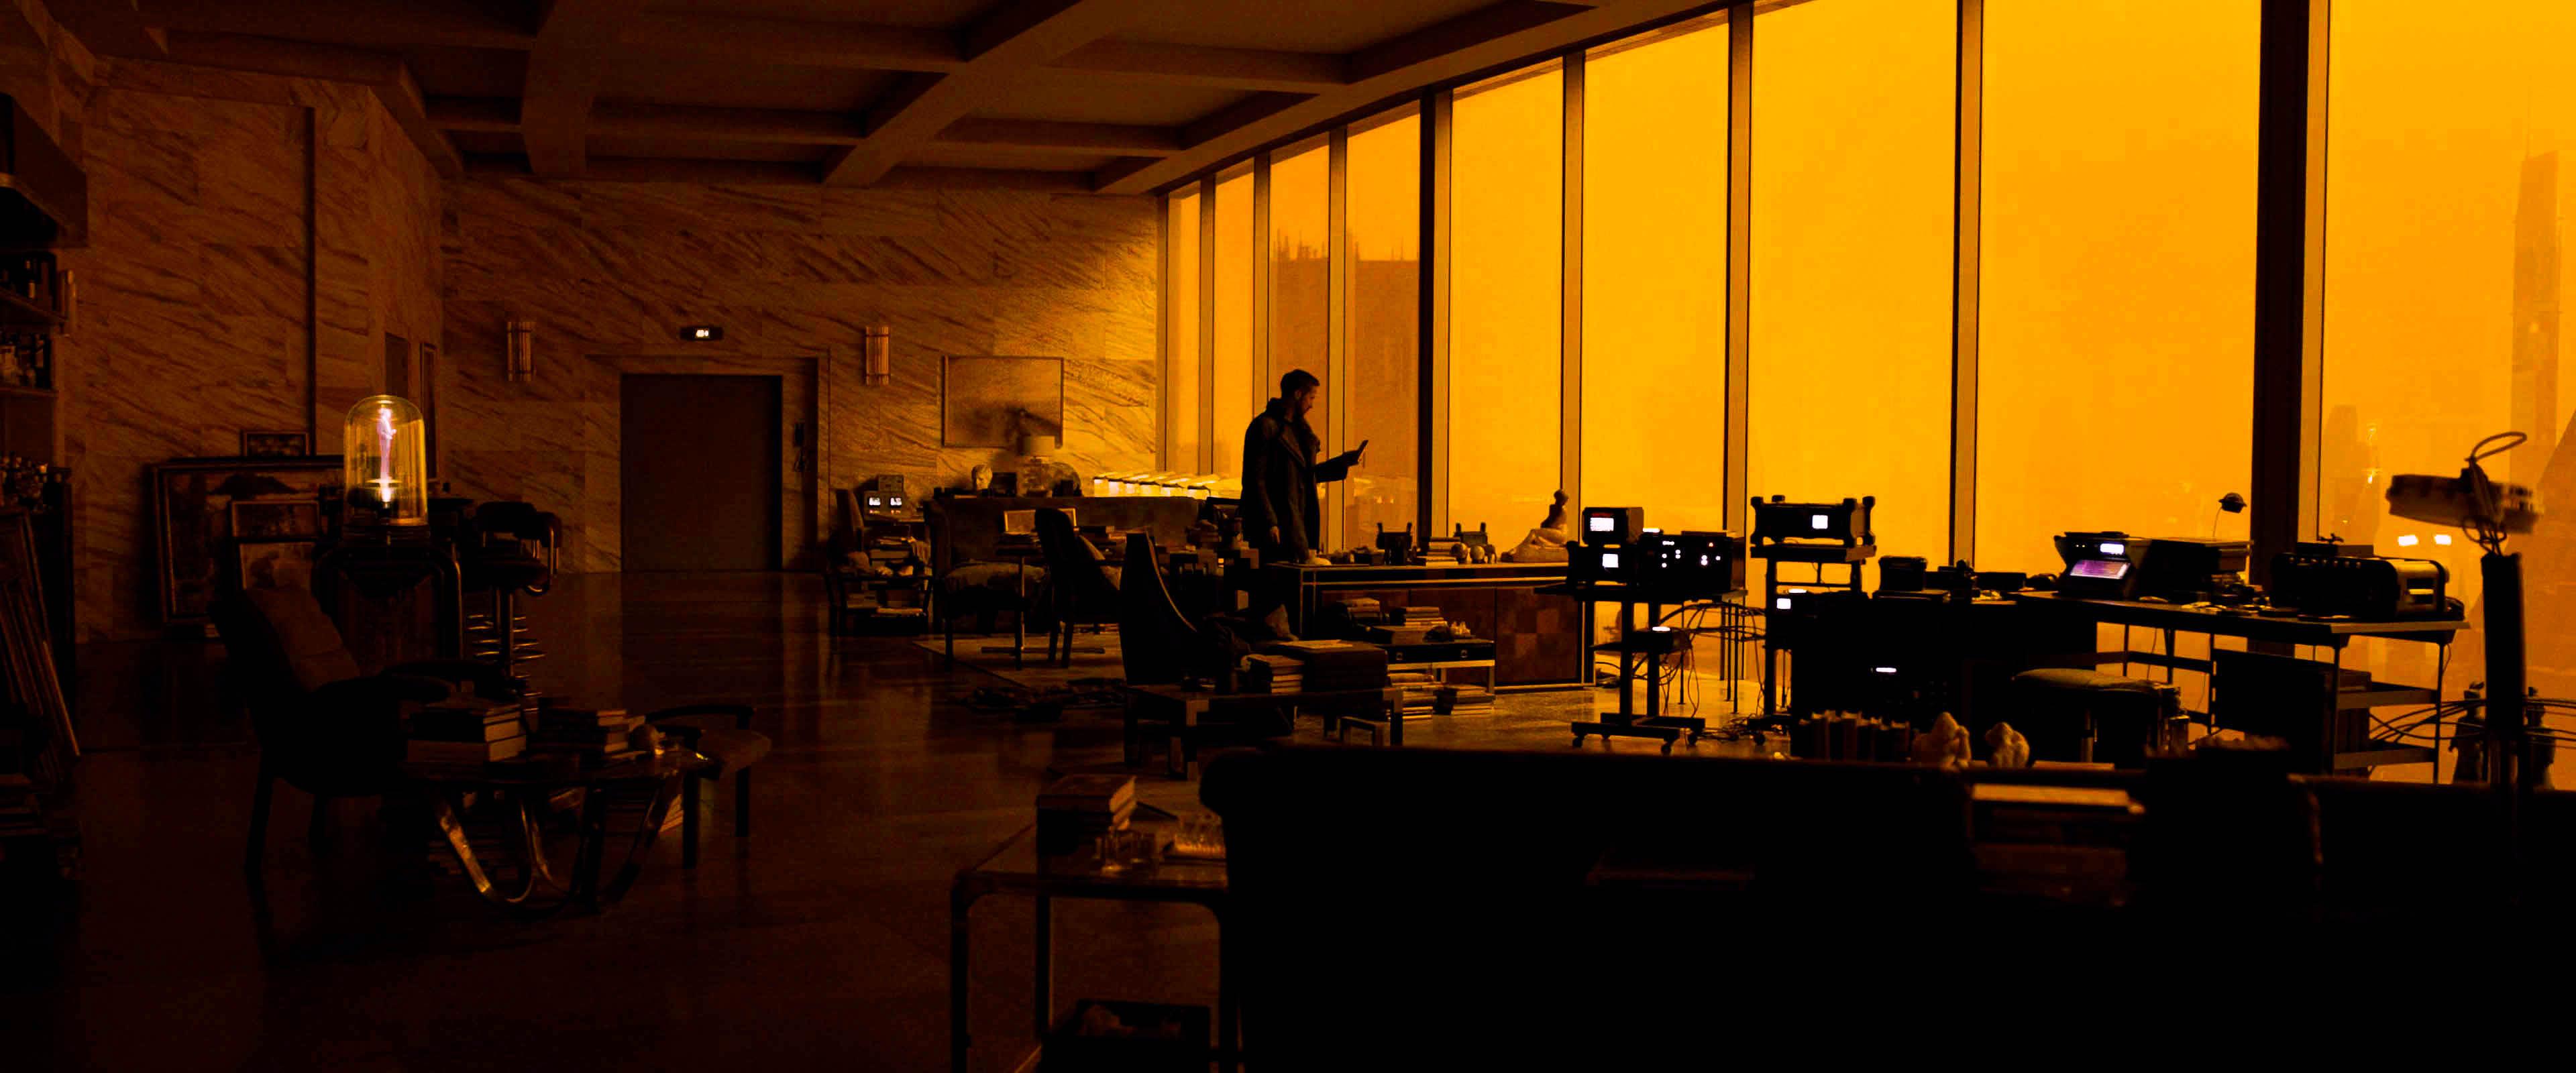 Blade Runner 2049 Frame 4k 236 Luke Dowding On The Web